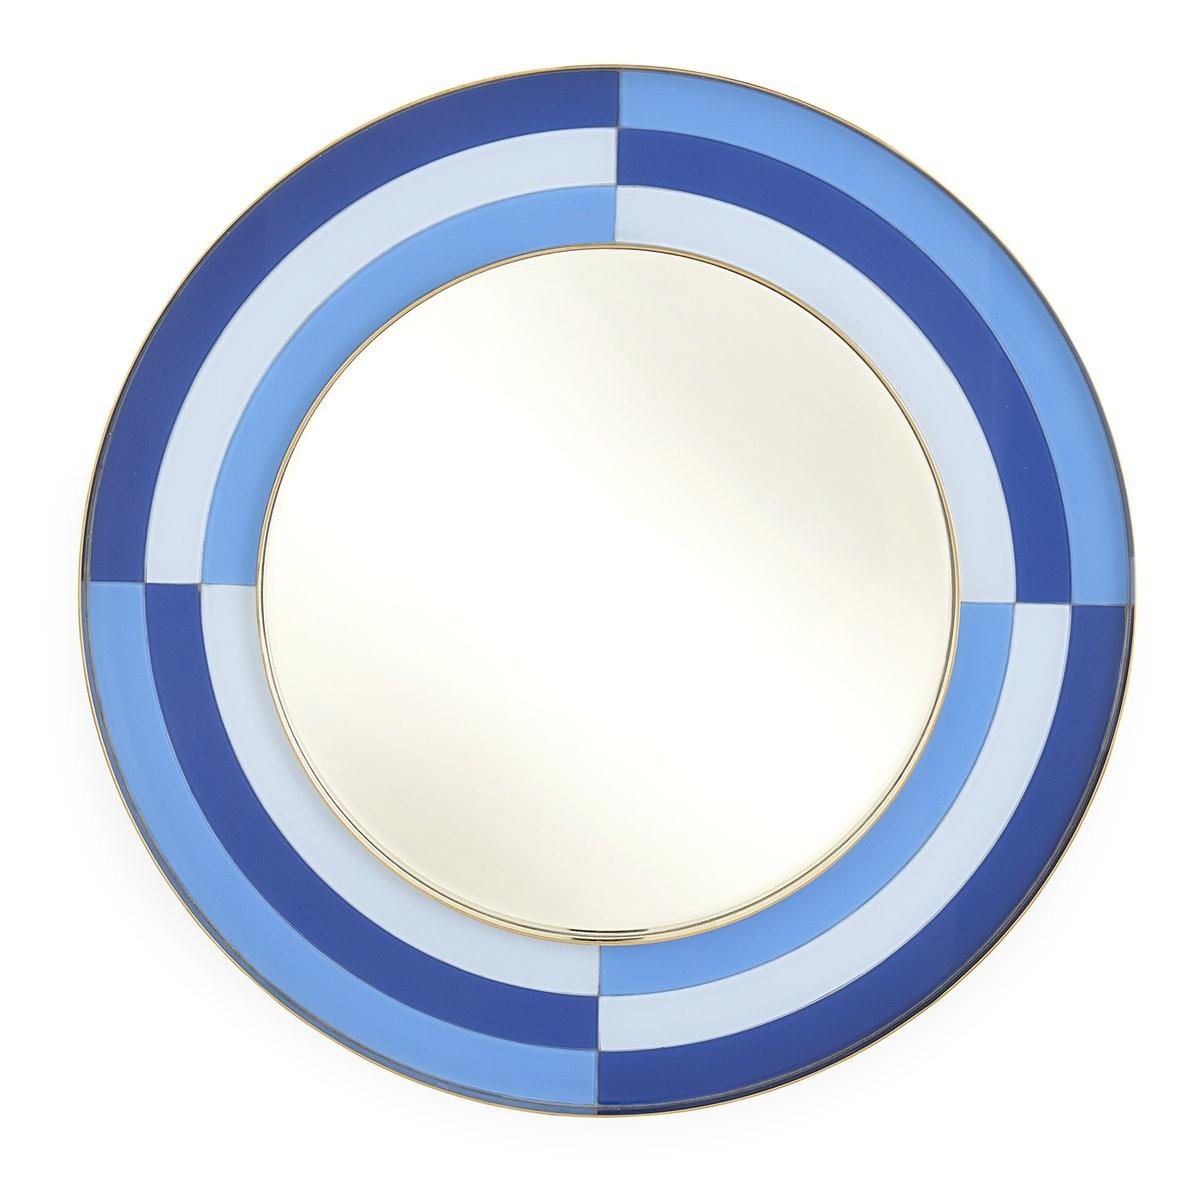 Jonathan Adler I Harlequin Round Mirror I Multi Blue